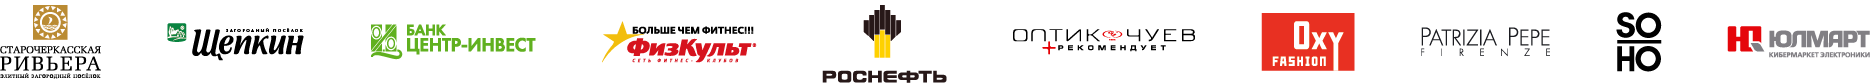 Logoblock2